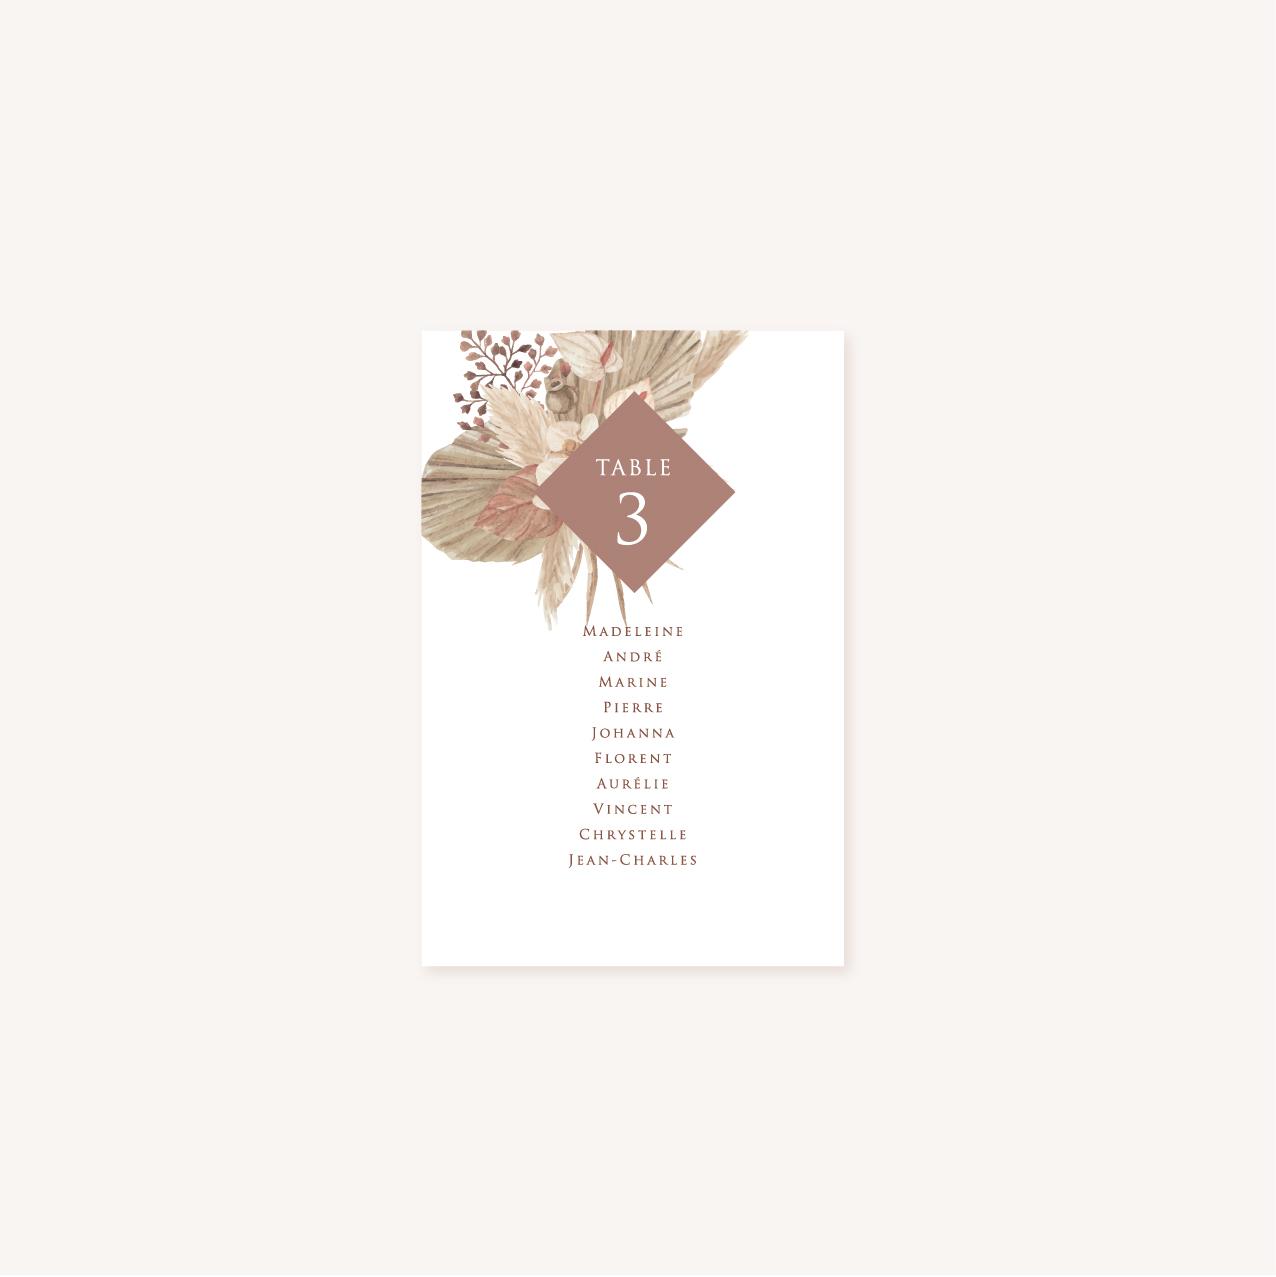 Plan de table pampa bohème boho boho chic Fleurs séchées floral mariage ocre terracotta